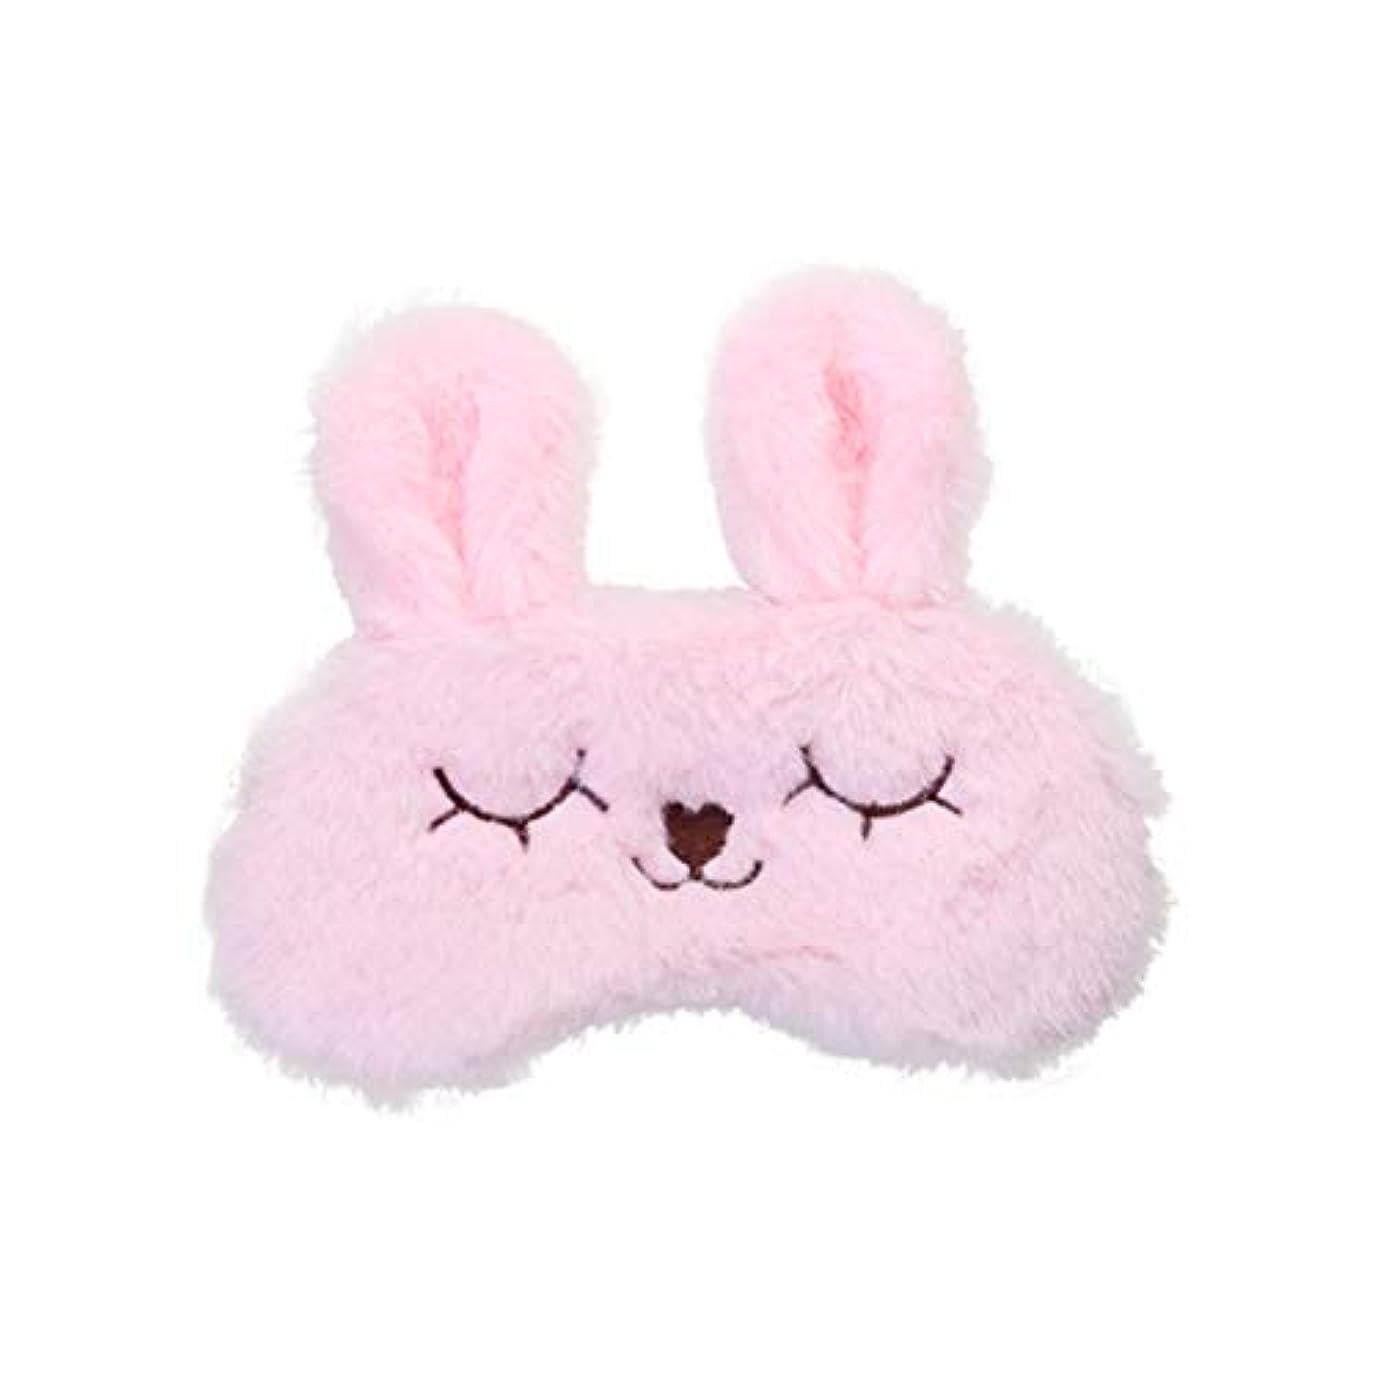 キラウエア山賞賛ヘロインHEALIFTY 睡眠マスクウサギぬいぐるみ目隠しコールドホットコンプレッションスリープアイマスクカバーかわいいアイシェイド(ピンク)